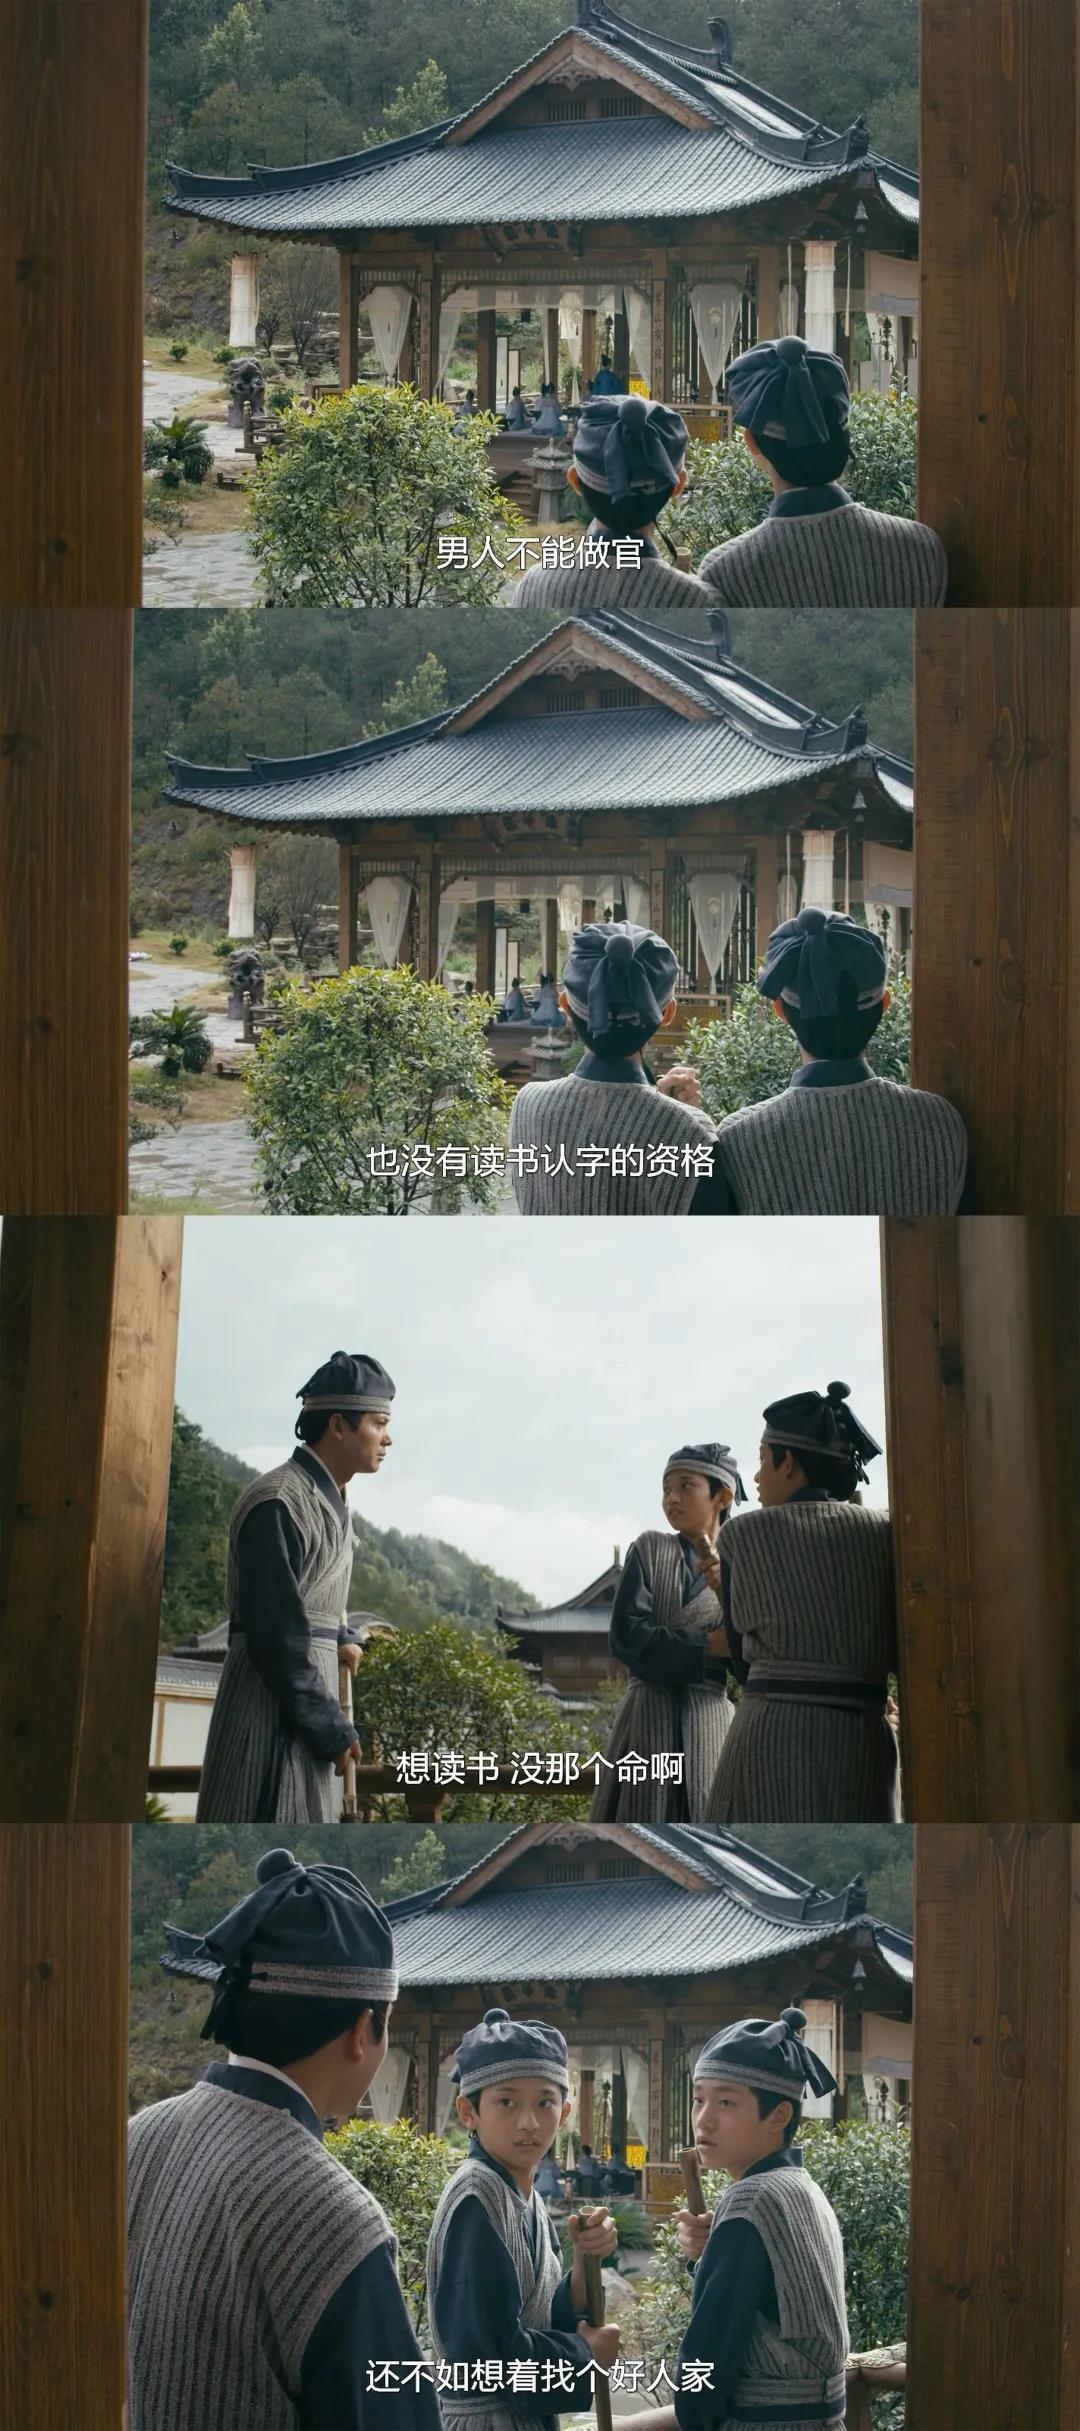 宅男电影传闻中的陈芊芊的图片 第2张